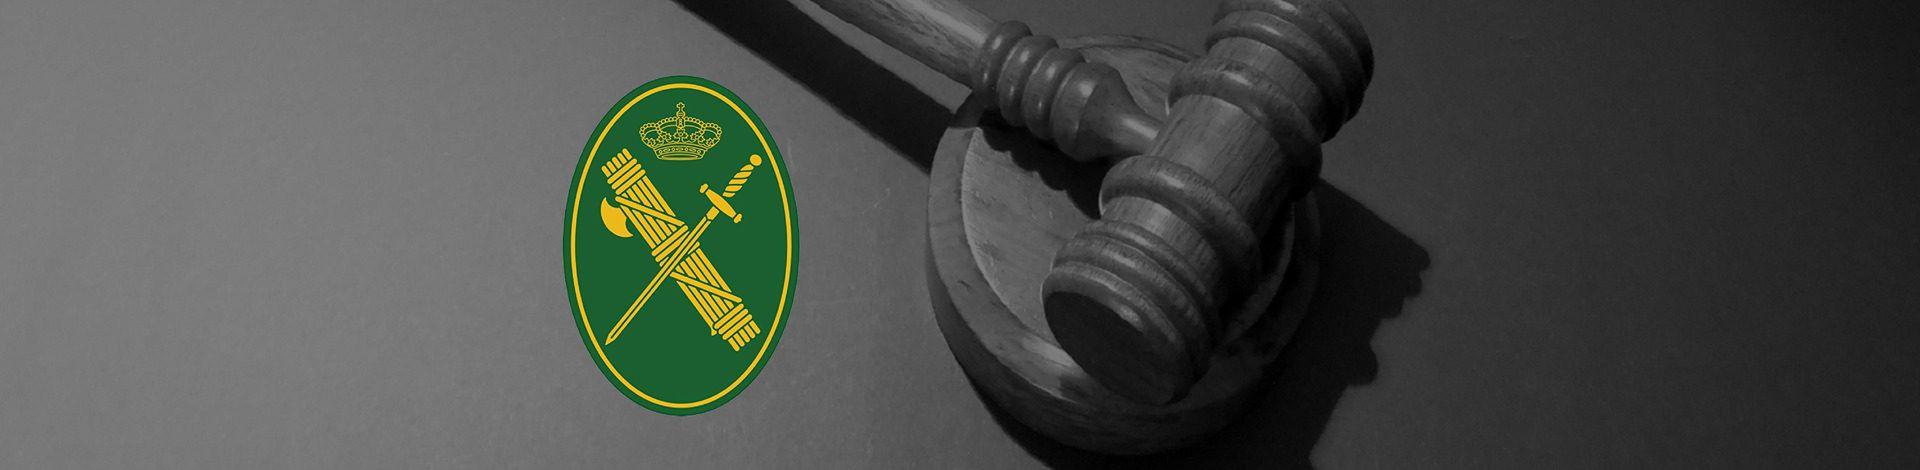 L&B Abogados. Especialistas en divorcios sin acuerdo, reclamaciones, desahucios, derecho laboral, herencias y sucesiones, indemnizaciones